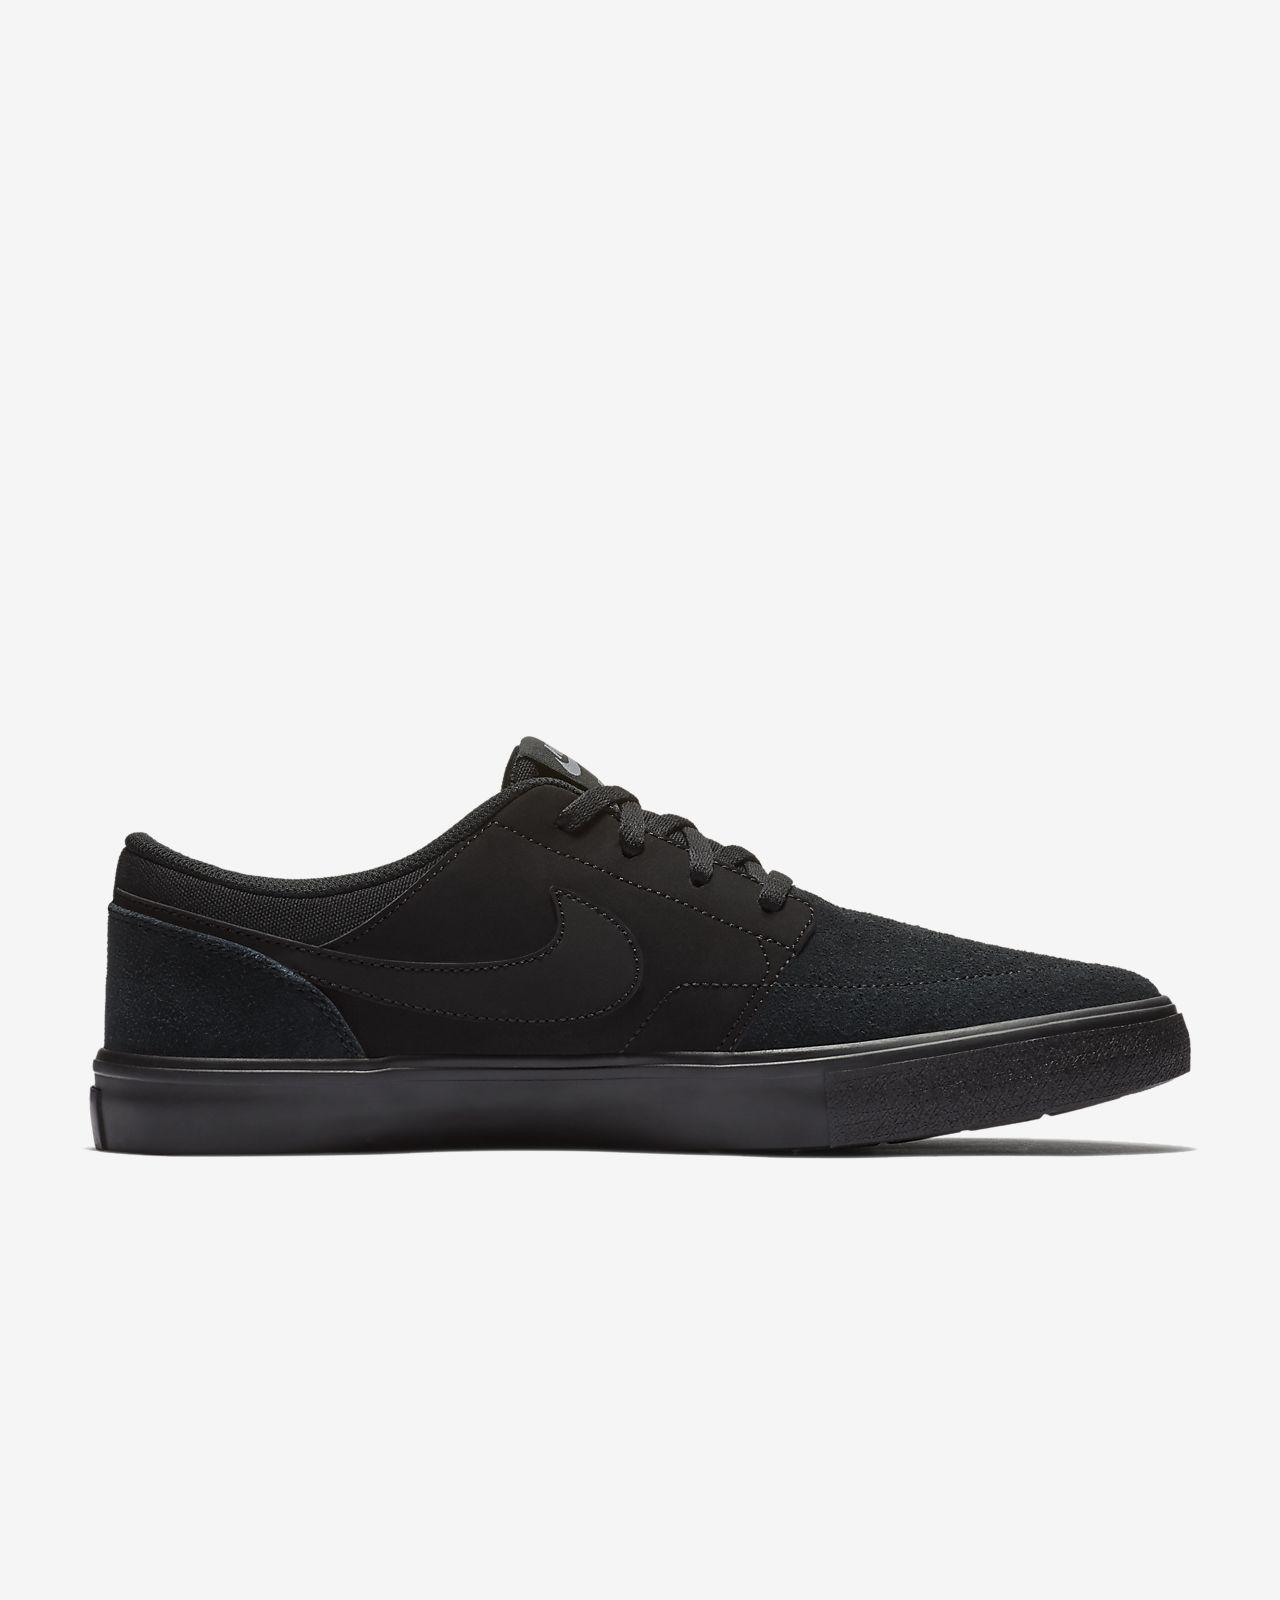 100% autentyczny najwyższa jakość dobry Nike SB Solarsoft Portmore II Men's Skateboarding Shoe